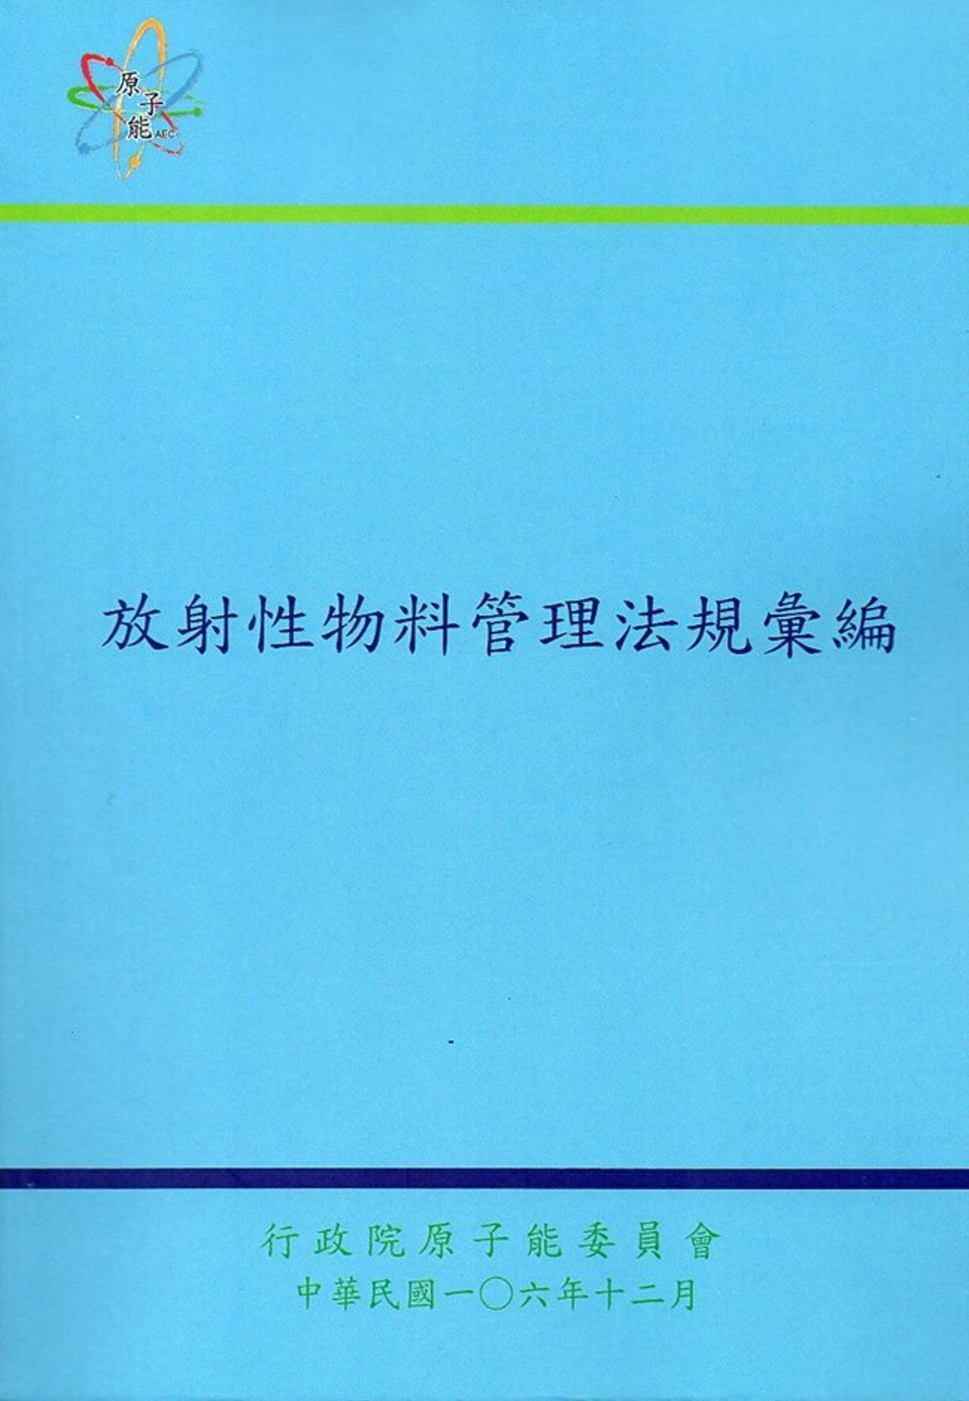 放射性物料管理法規彙編(第七版)